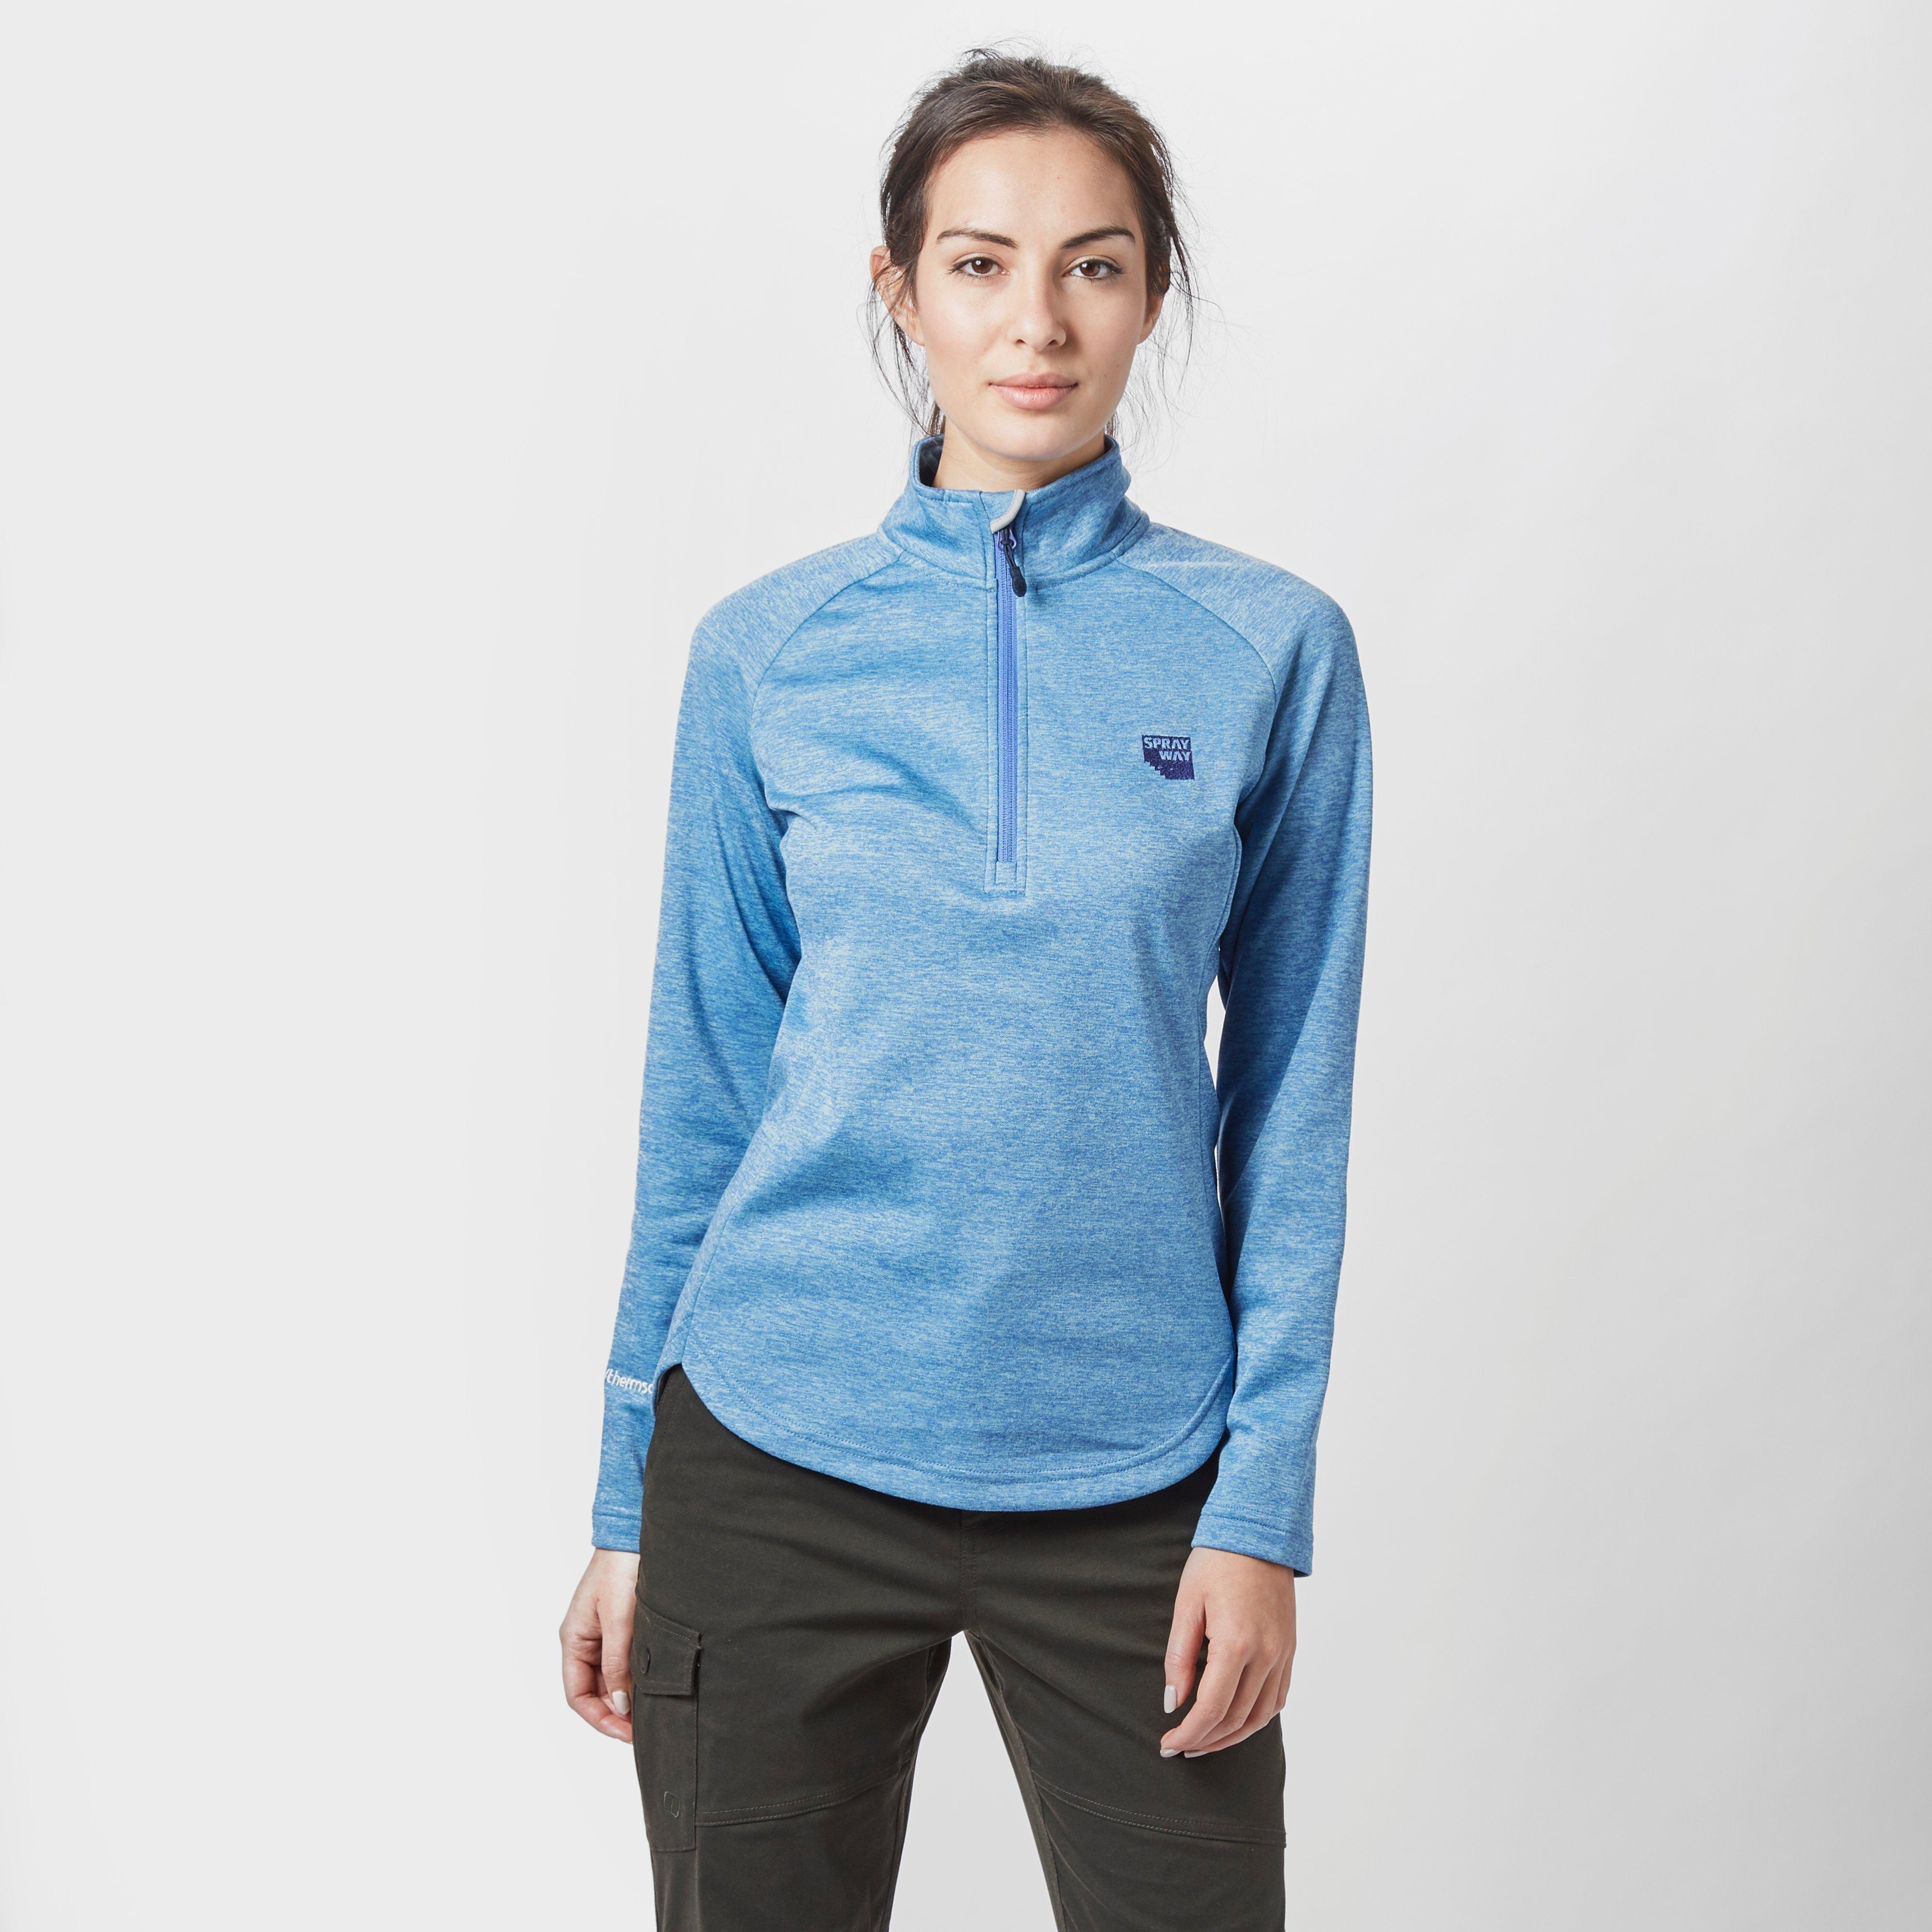 Sprayway Women's Roche Quarter Zip Fleece, Blue